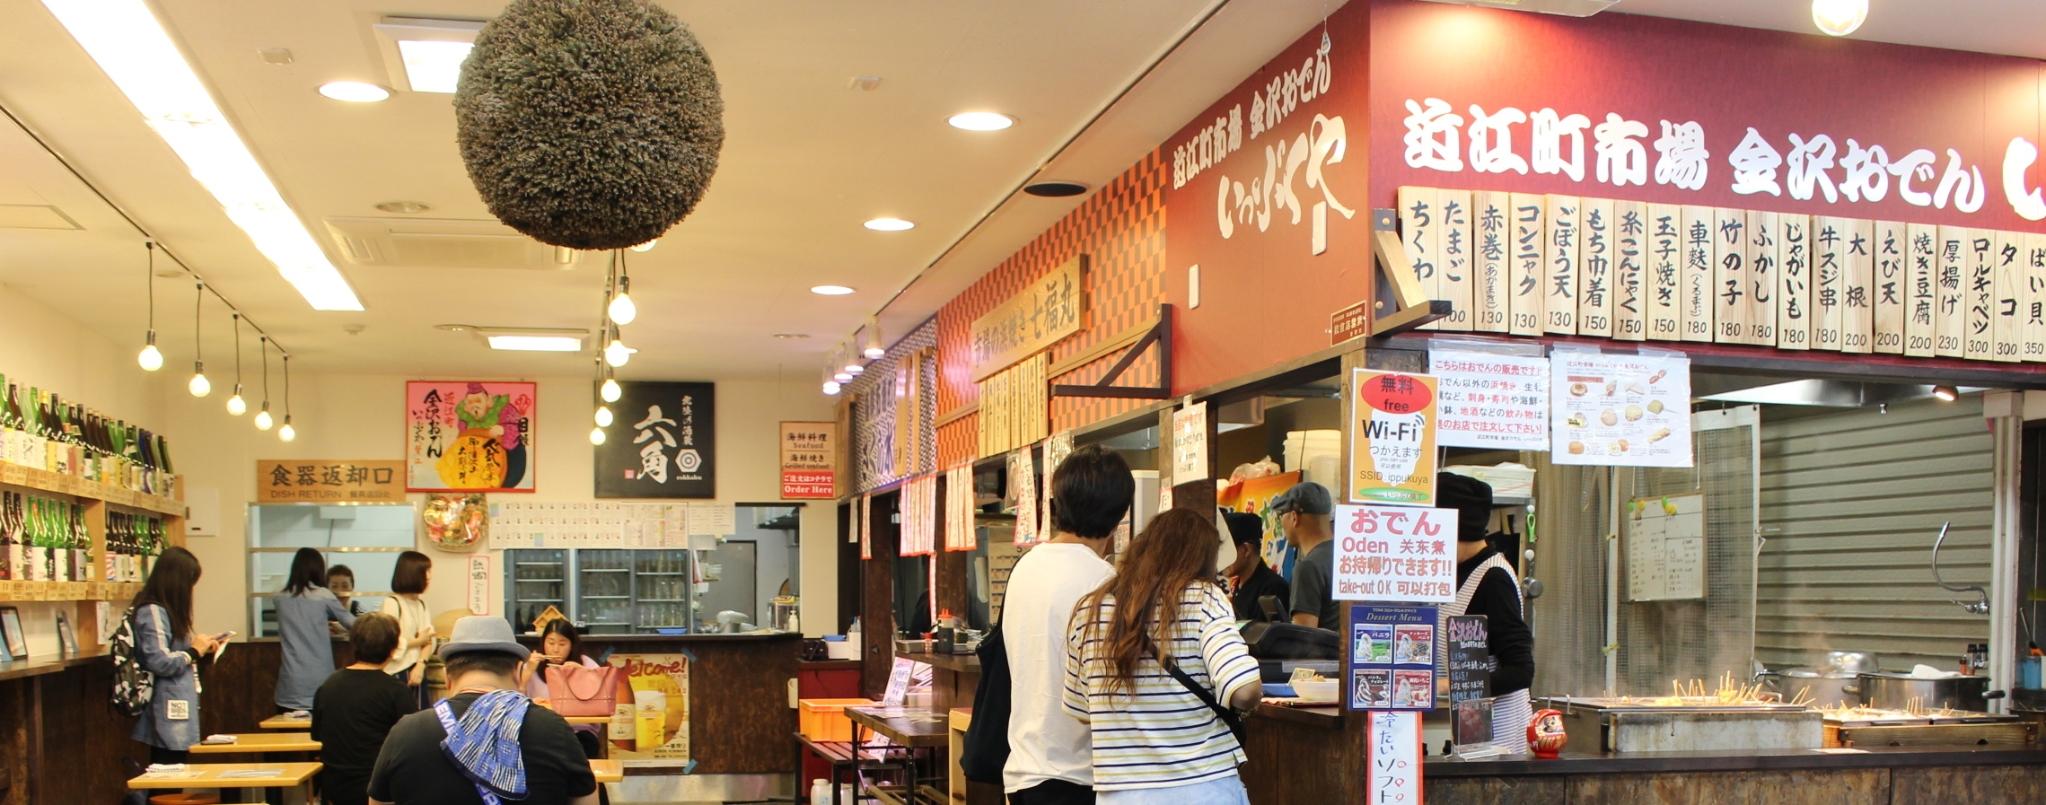 近江町市場飲食街 いっぷ く横丁